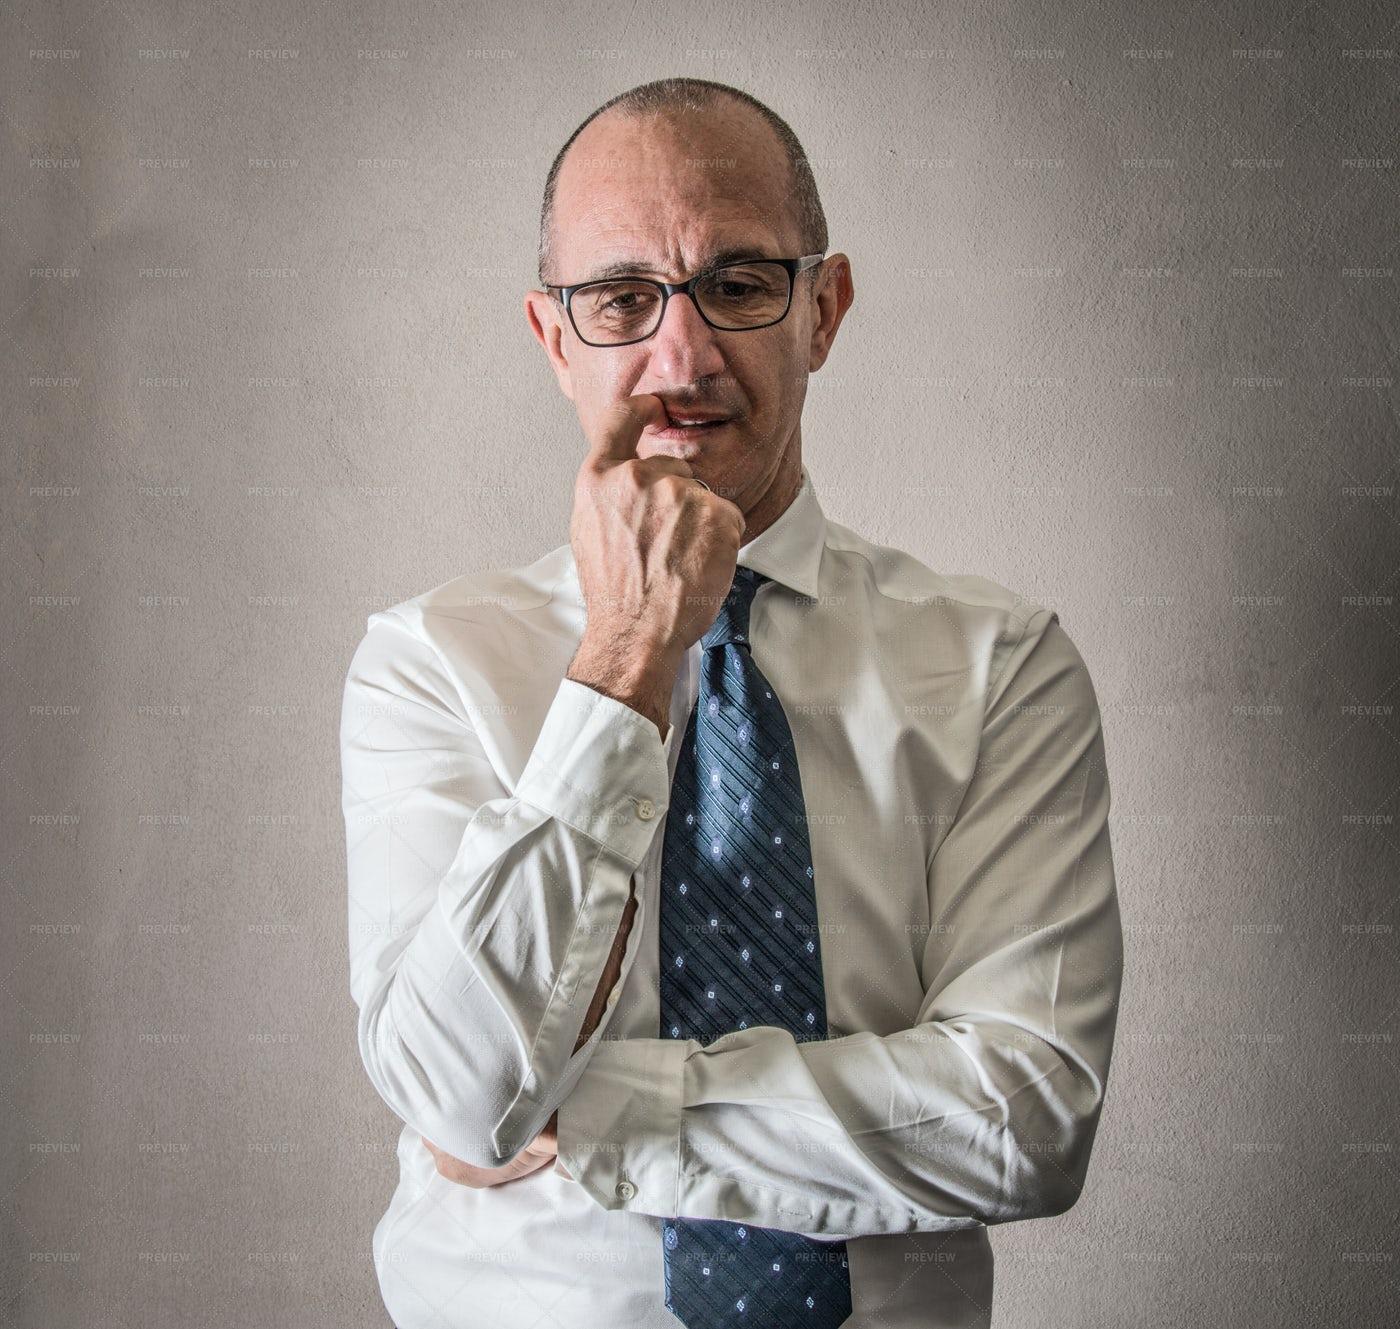 Man Having Doubts: Stock Photos